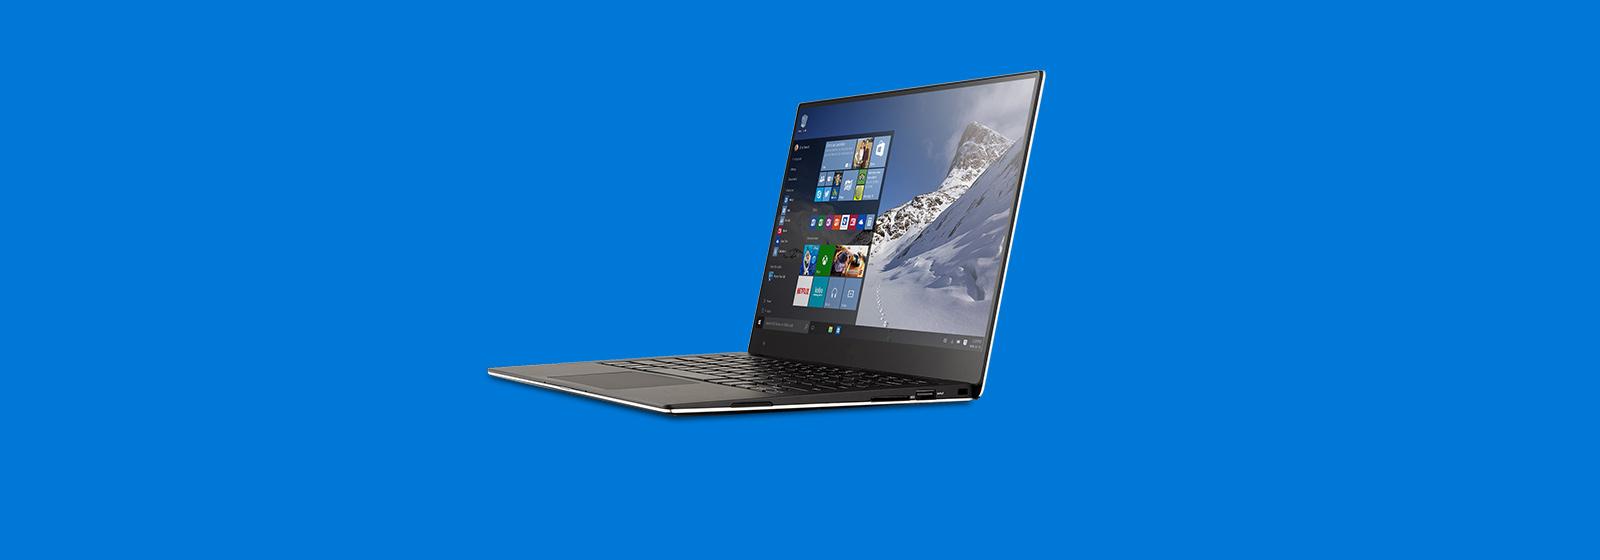 Windows 10 urmează să fie lansat. Aflați mai multe.